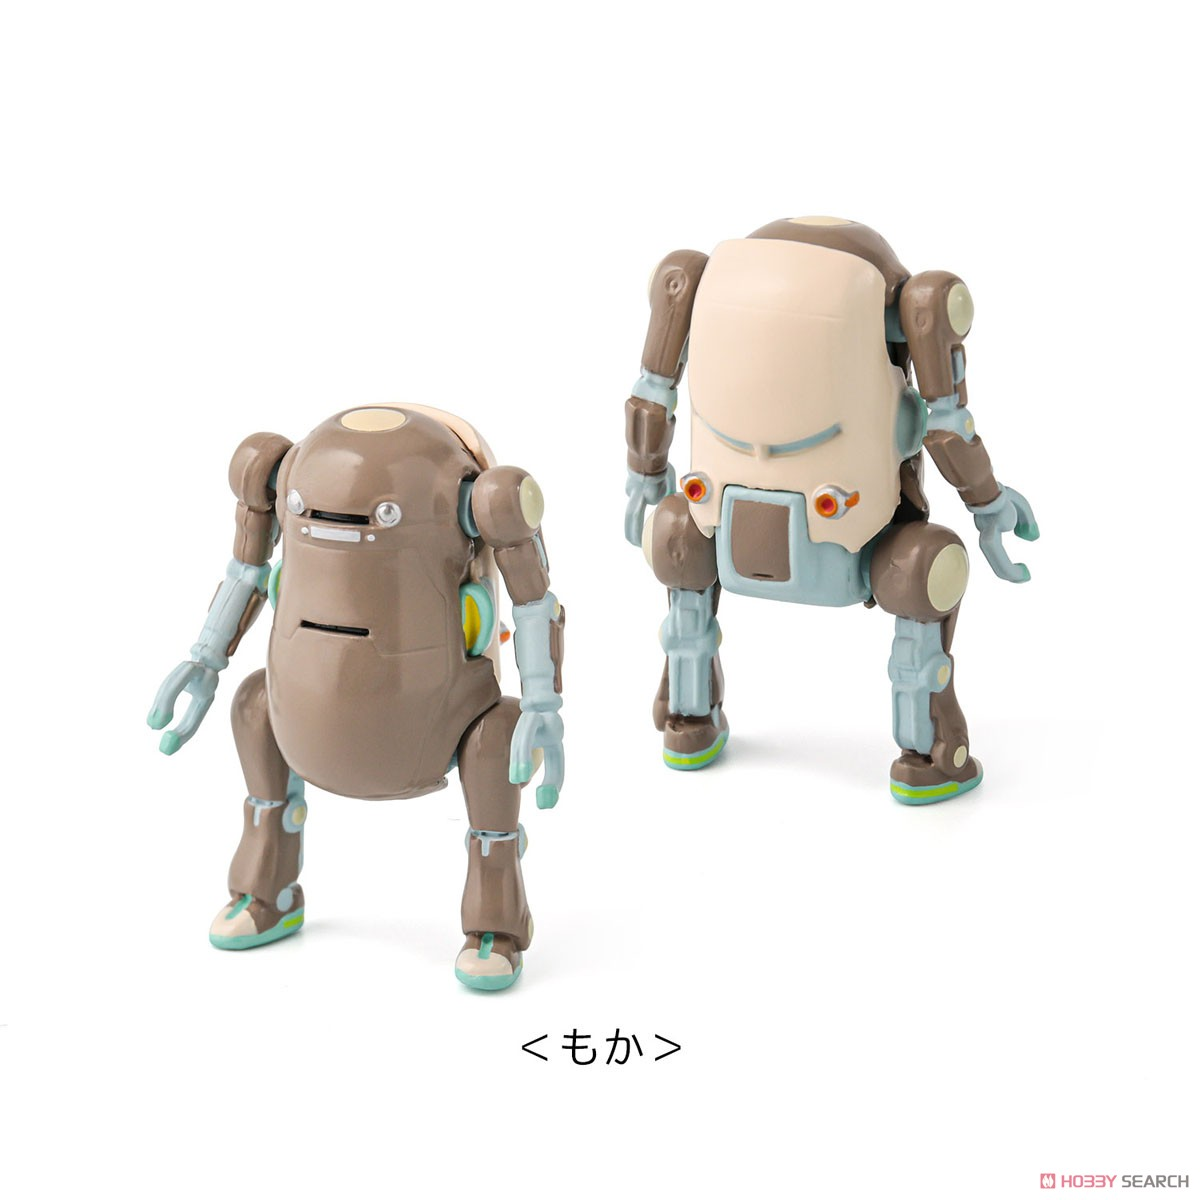 メカトロウィーゴ『タイニー メカトロウィーゴ3』6個入りBOX-004